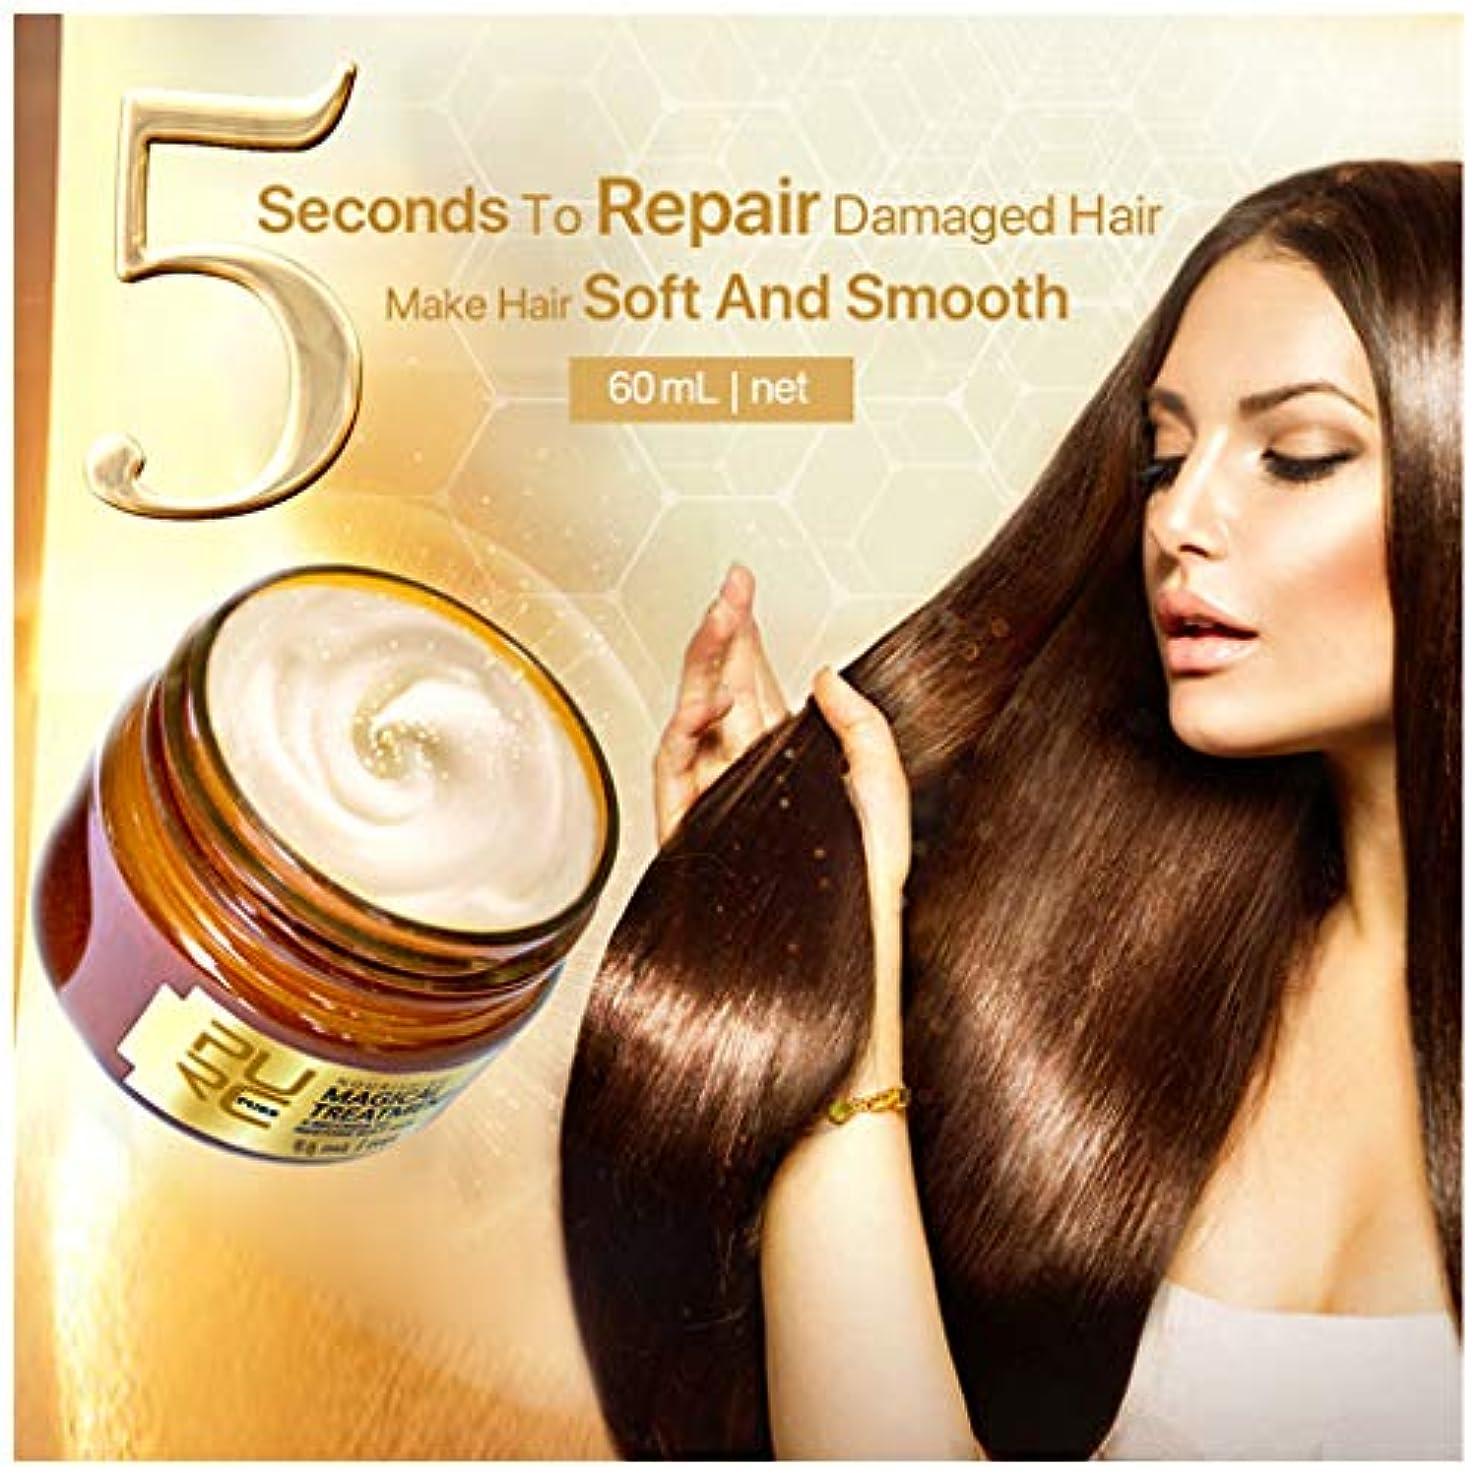 有望充電お気に入りヘアマスクDLtime傷んだ髪を修復するディープリペア軟膏マジックヘアマスクすべてのヘアスタイルを修正ケラチン修復髪コンディショナー柔らかい髪ヘアマスクの修理けがのケア保湿髪シャンプー髪を滑らかにしますスムージングヘアドライラナンキュラス (60ML)